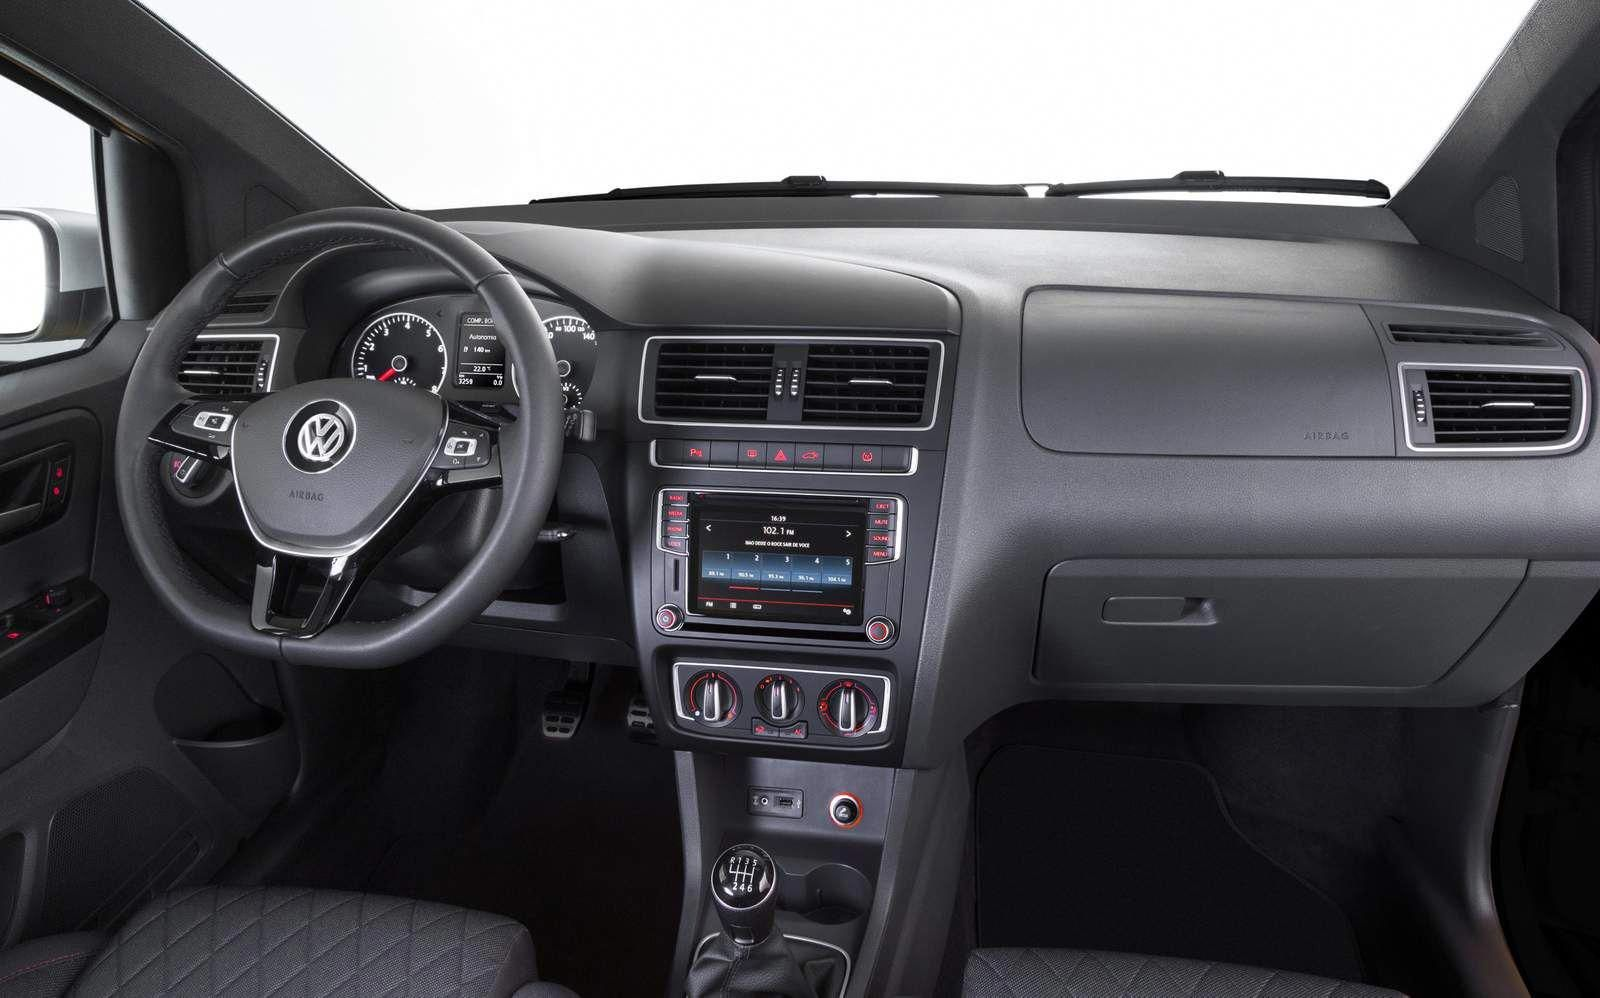 Spacefox 2016 Interior 4 Customvwfox Volkswagen Volkswagen Car